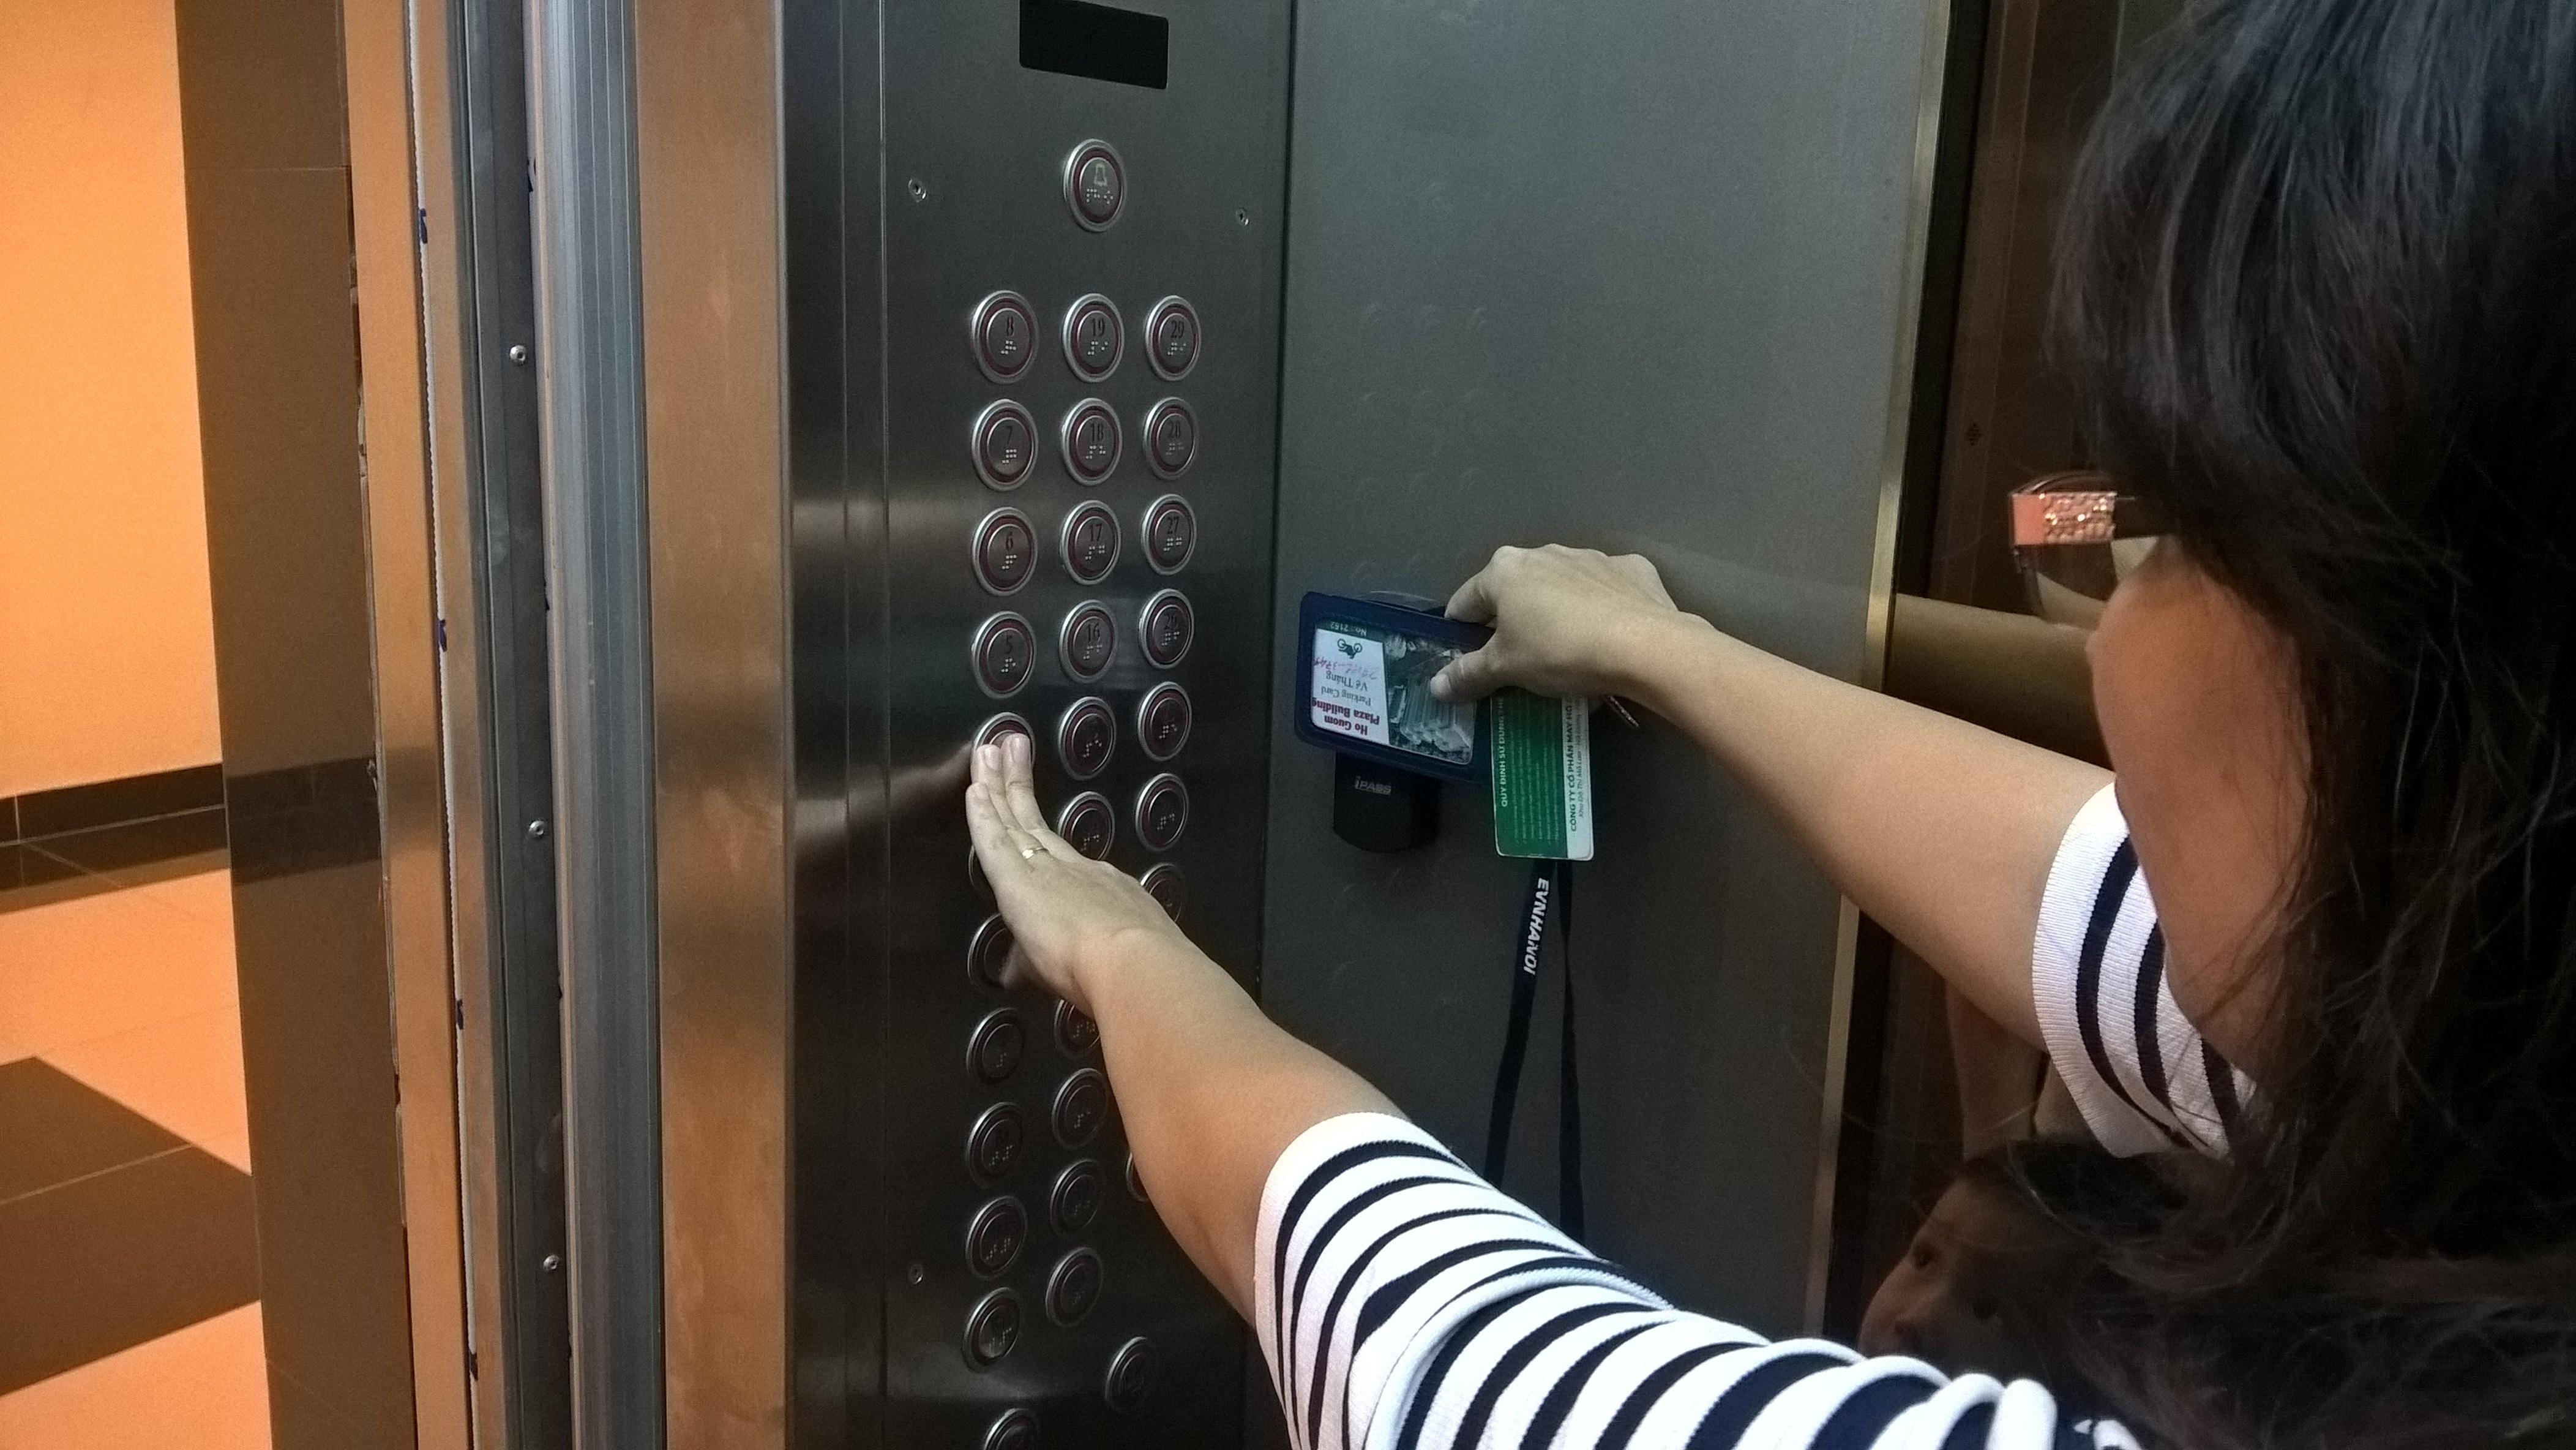 Từ sáng đến chiều ngày 19/4, một số cư dân sống tại chung cư Hồ Gươm Plaza có thẻ từ thang máy nhưng không thể di chuyển vì bị ngắt dịch vụ. Đến 17h cùng ngày, sau cuộc gặp gỡ giữa ban đại diện cư dân và Chủ đầu tư, một số người dân mới sử dụng được thang máy.